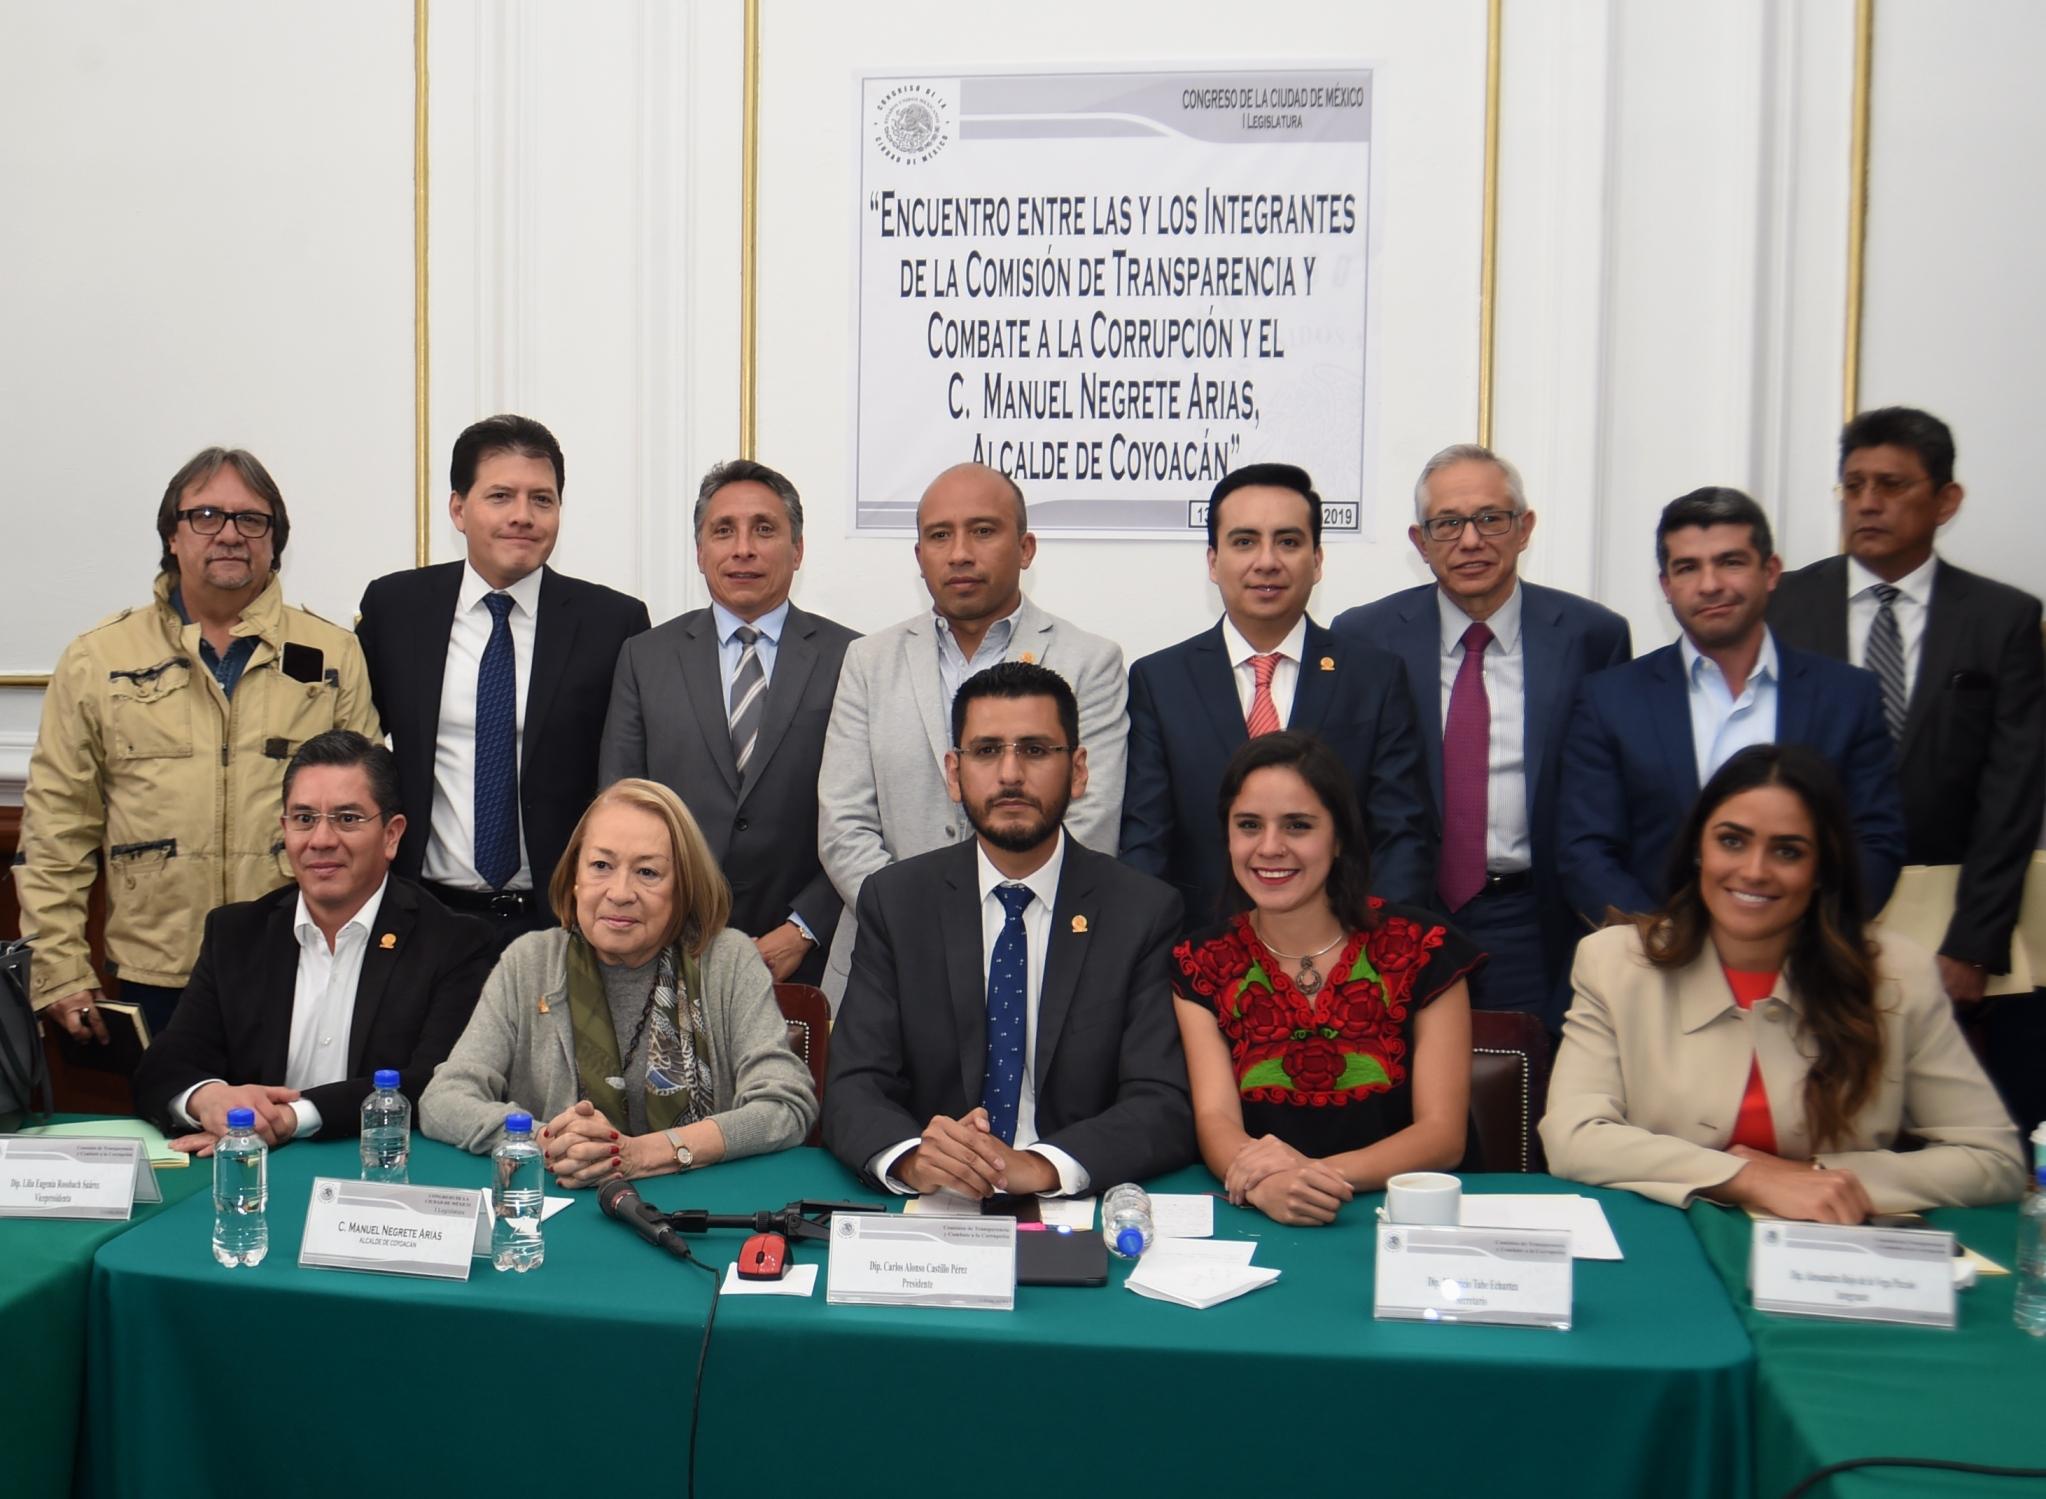 El alcalde de Coyoacán acude al Congreso capitalino; le exigen aclarar los presuntos actos de corrupción